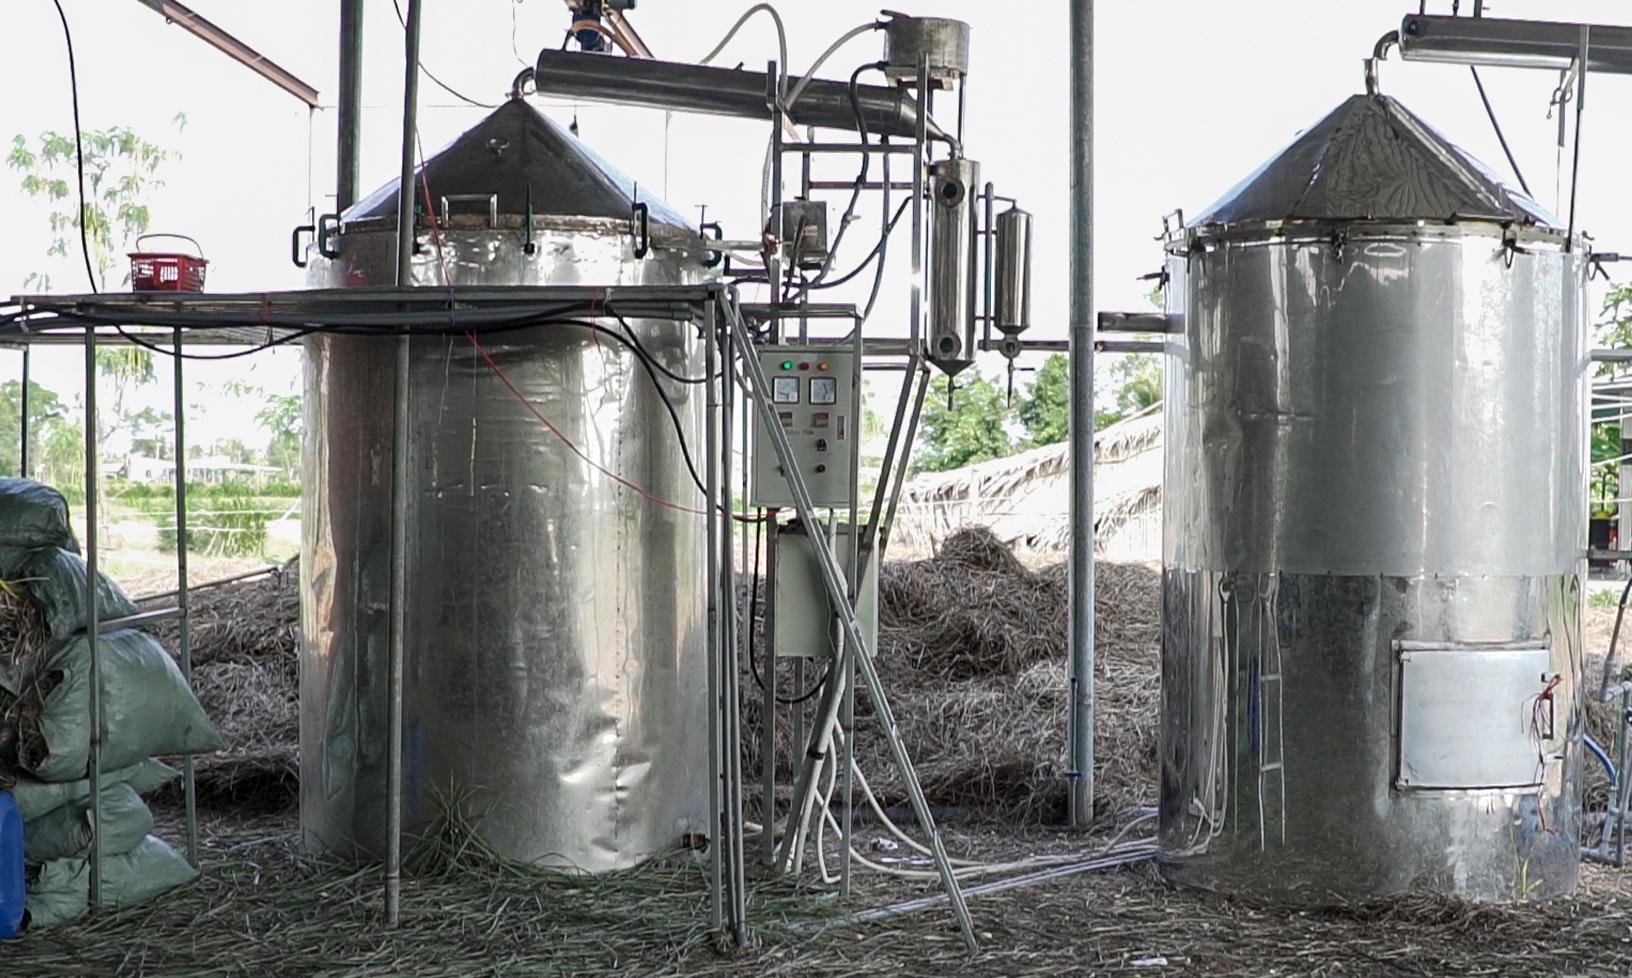 Tinh dầu Gỗ Đàn Hương 100ml Mộc Mây - tinh dầu thiên nhiên nguyên chất 100% - chất lượng và mùi hương vượt trội - Có kiểm định 20